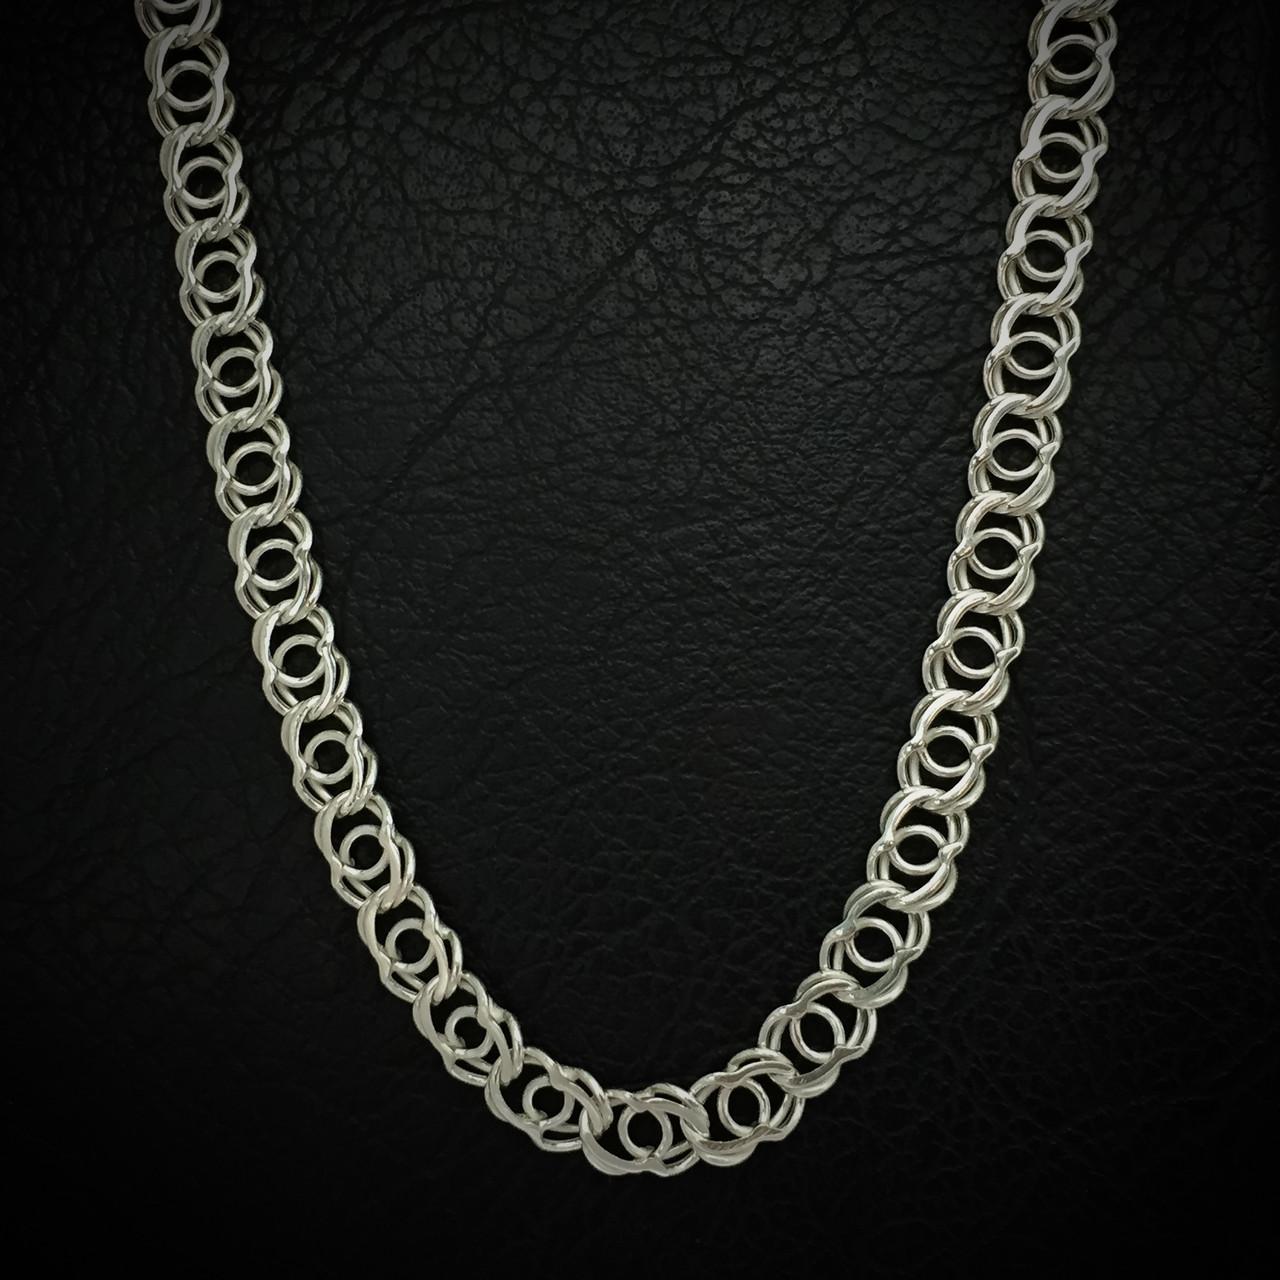 Серебряная цепочка, 500мм, плетение Арабский бисмарк, 24 грамма, светлое серебро